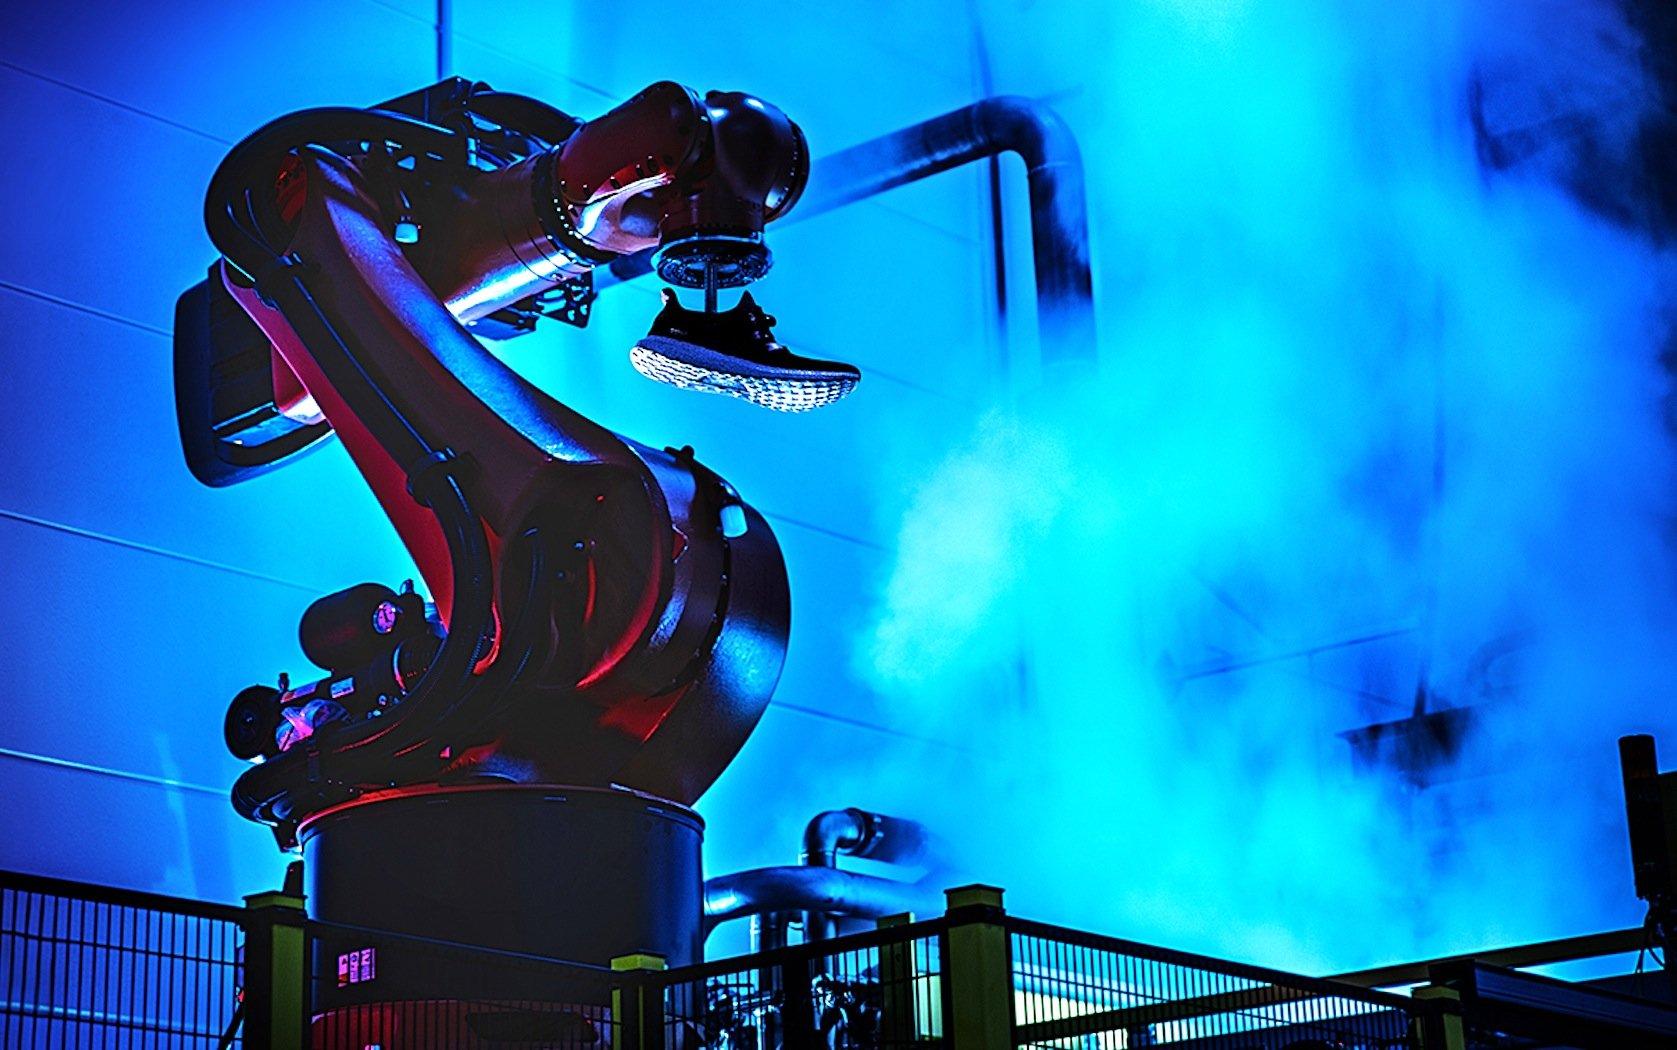 Produktionsroboter für Schuhe von Adidas: 2016 beginnt Adidas mit der Produktion von Turnschuhen in einer Roboter-Fabrik in Ansbach.